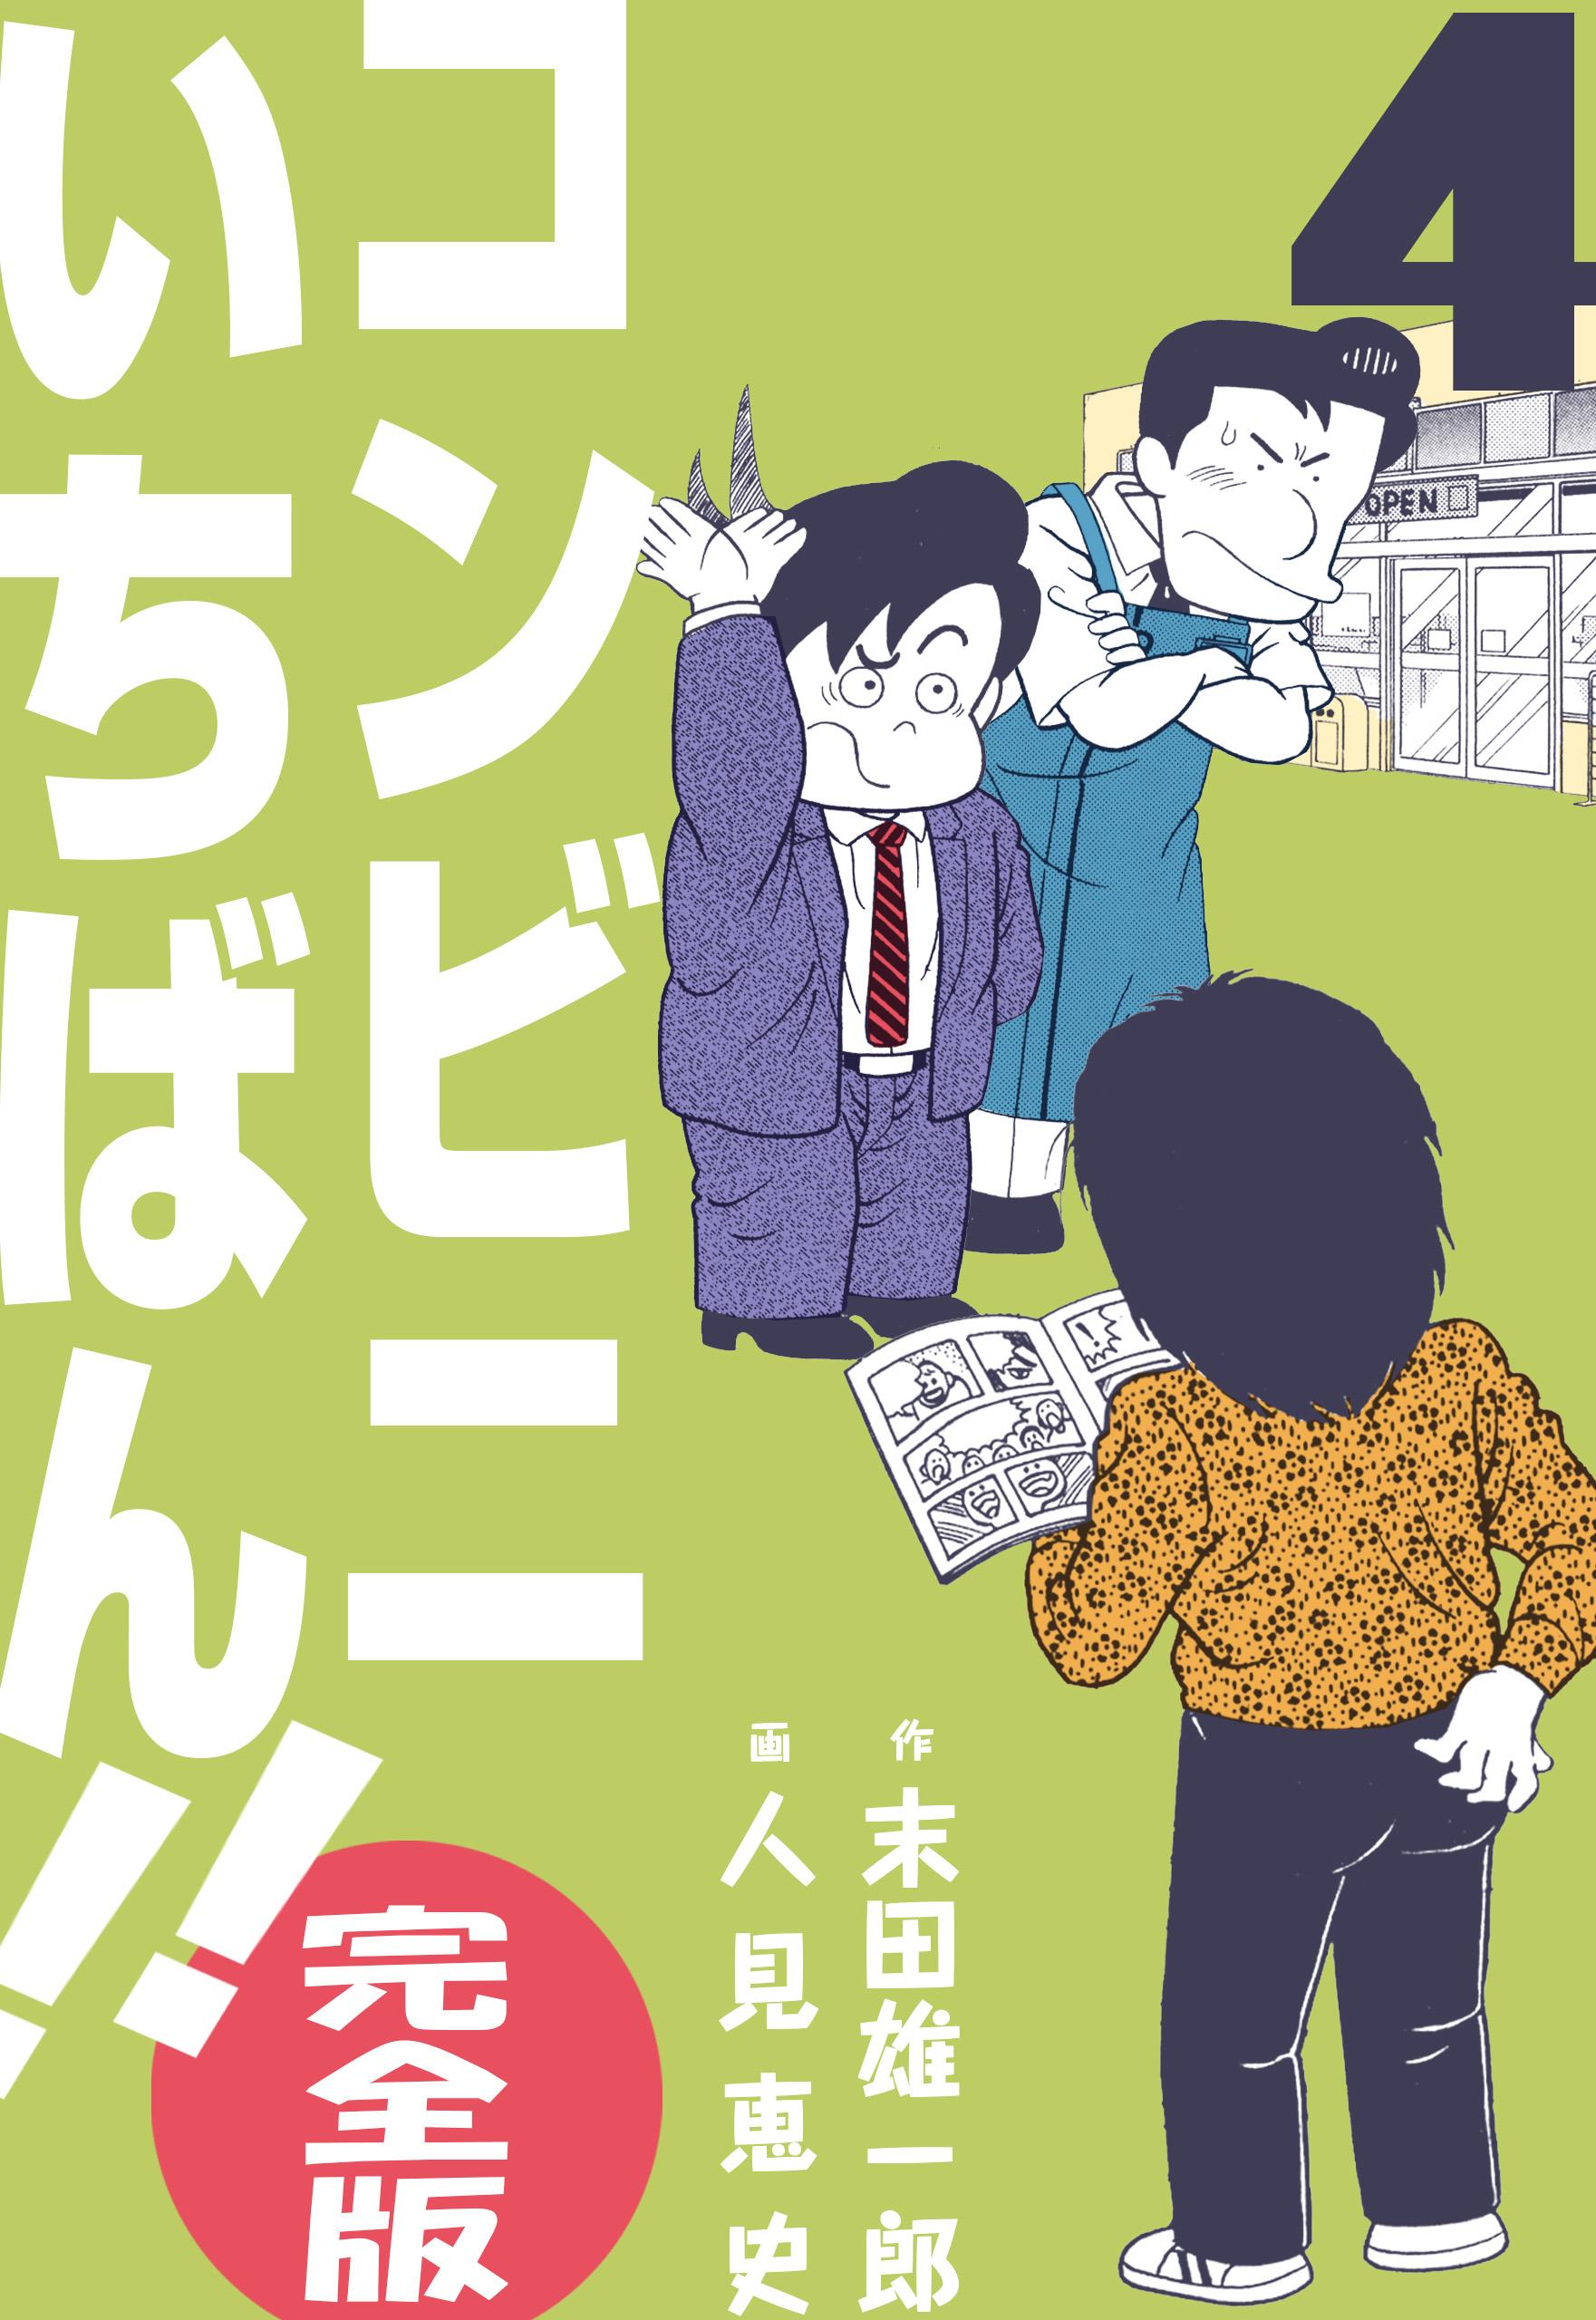 コンビニいちばん!!【完全版】(第4巻)